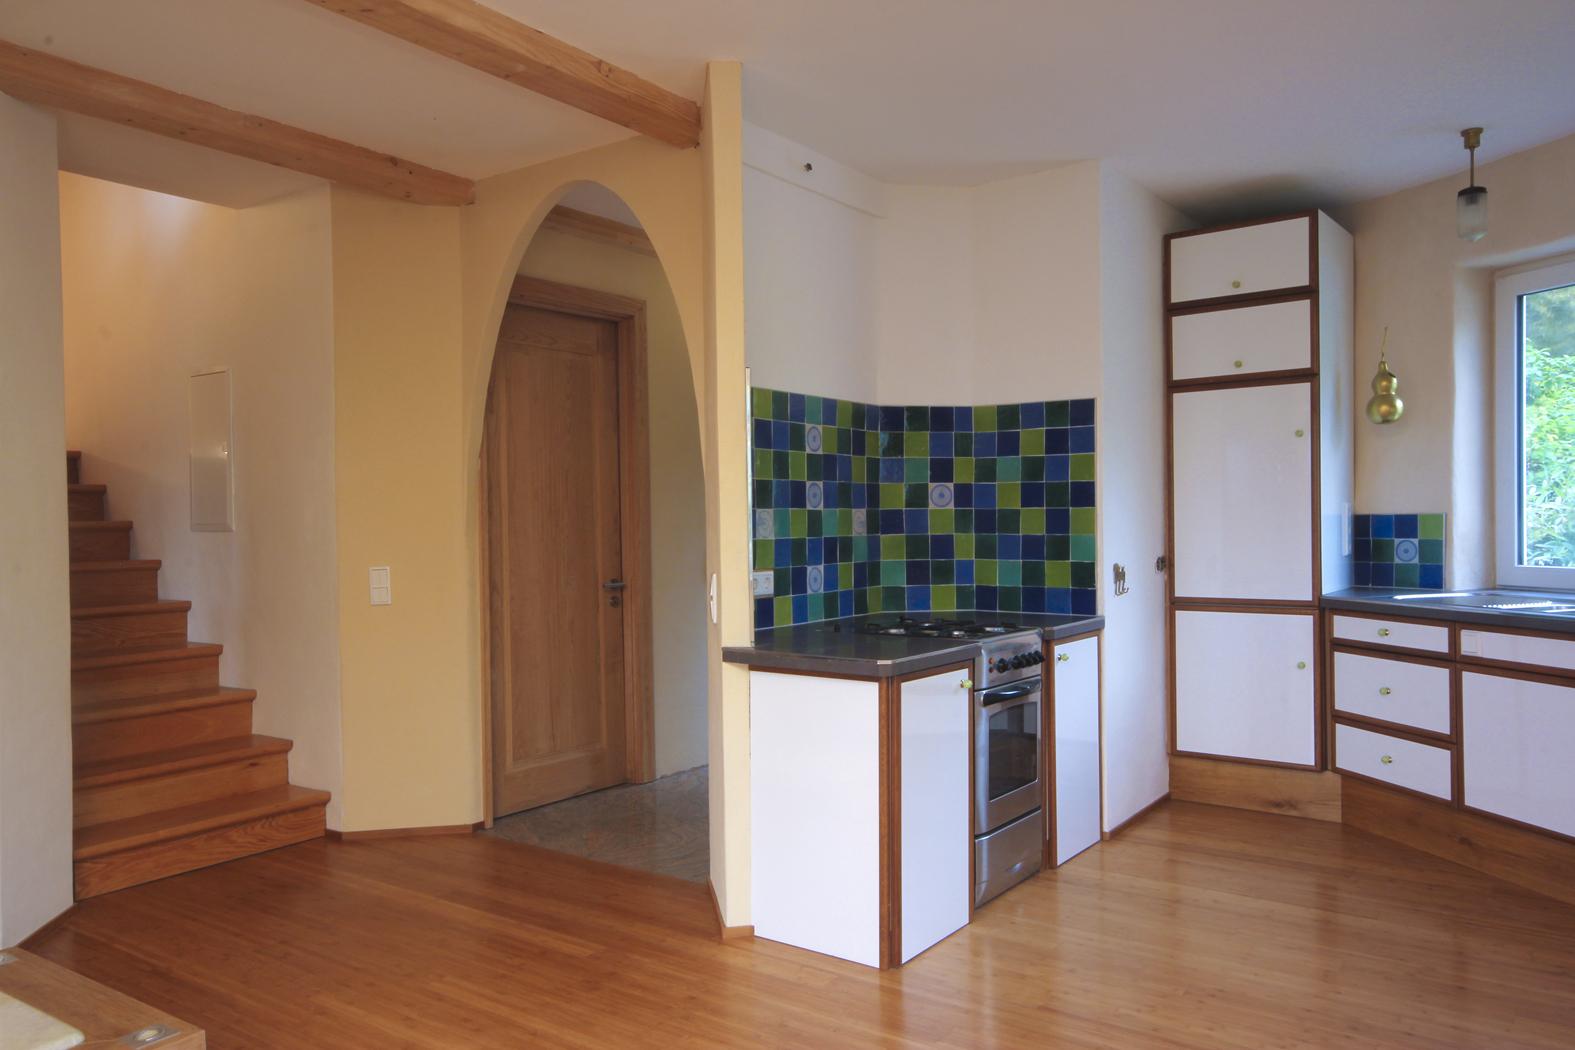 energieeffizient und g nstig bauen und d mmen mit stroh. Black Bedroom Furniture Sets. Home Design Ideas